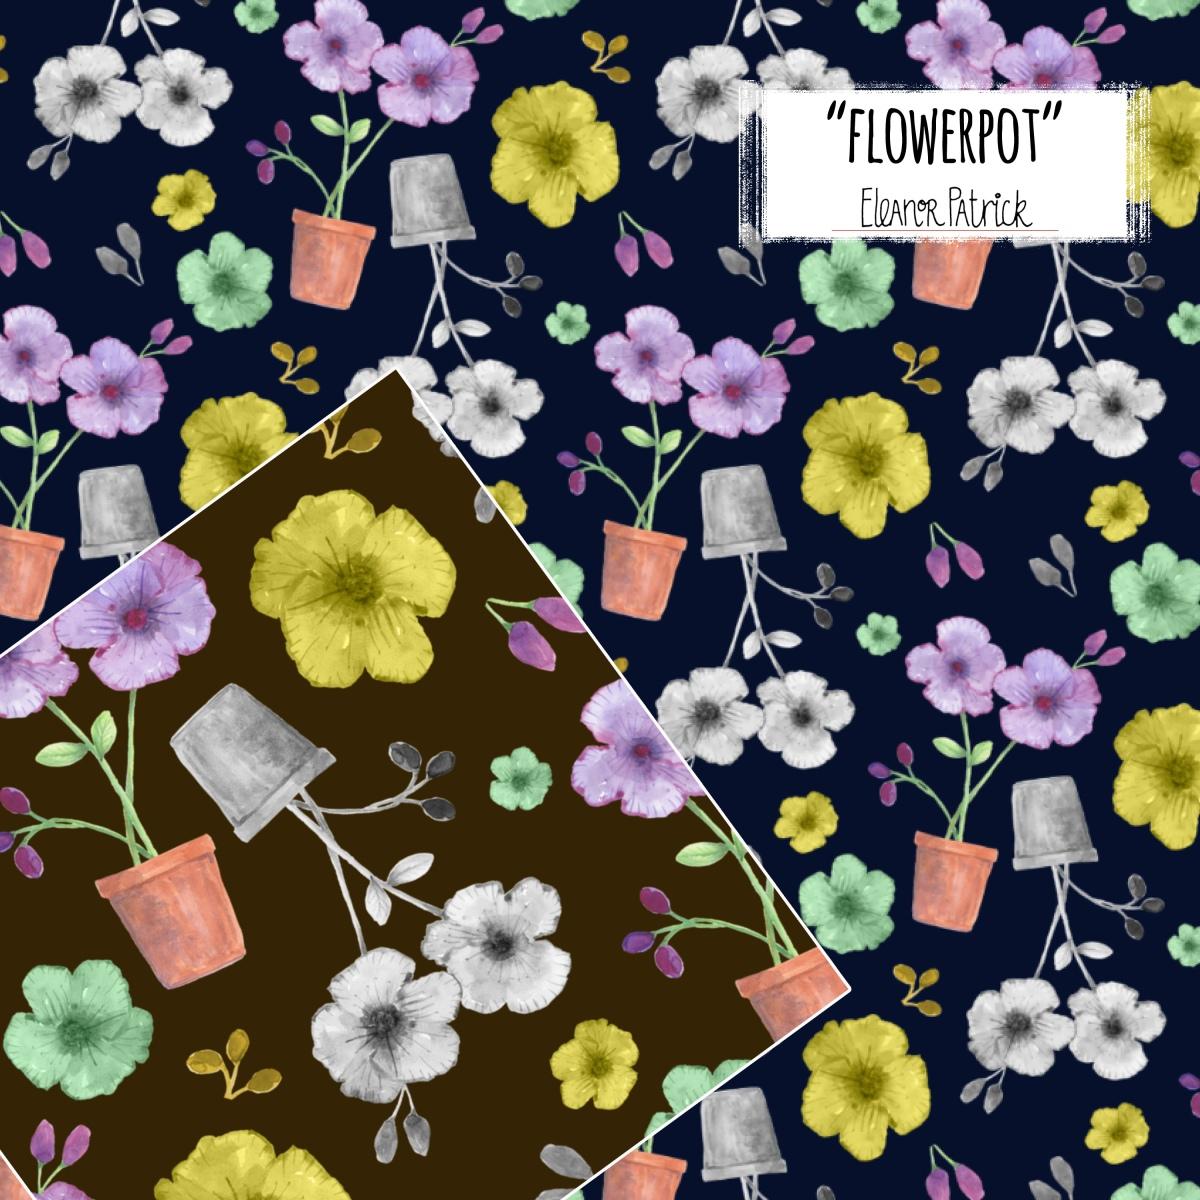 flowerpot samples